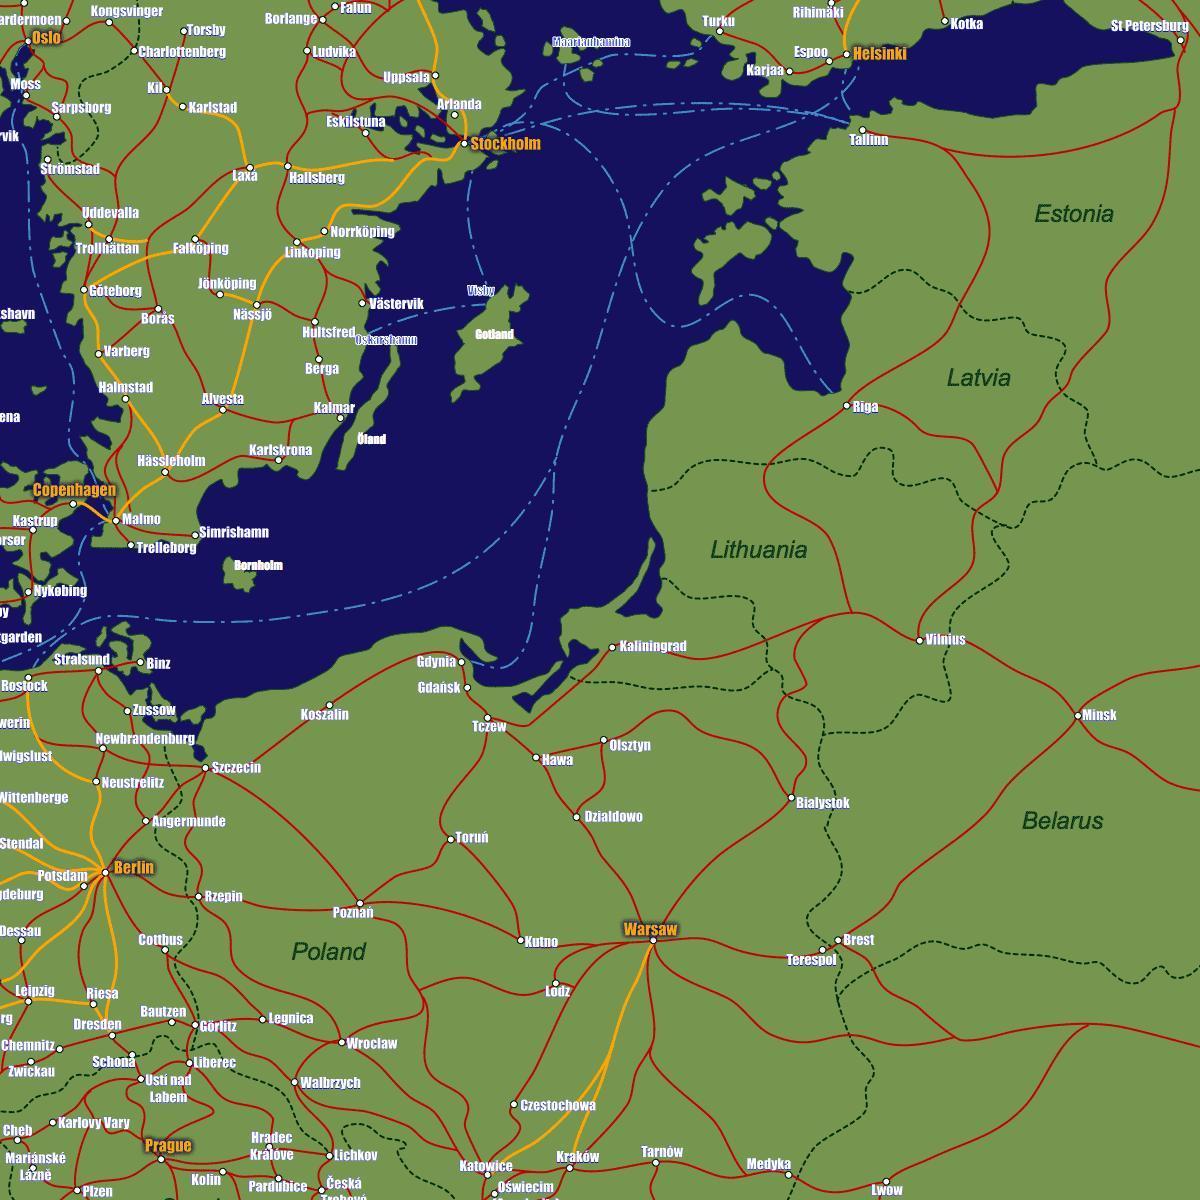 Liettuassa Juna Kartta Kartta Liettuan Juna Pohjois Eurooppa